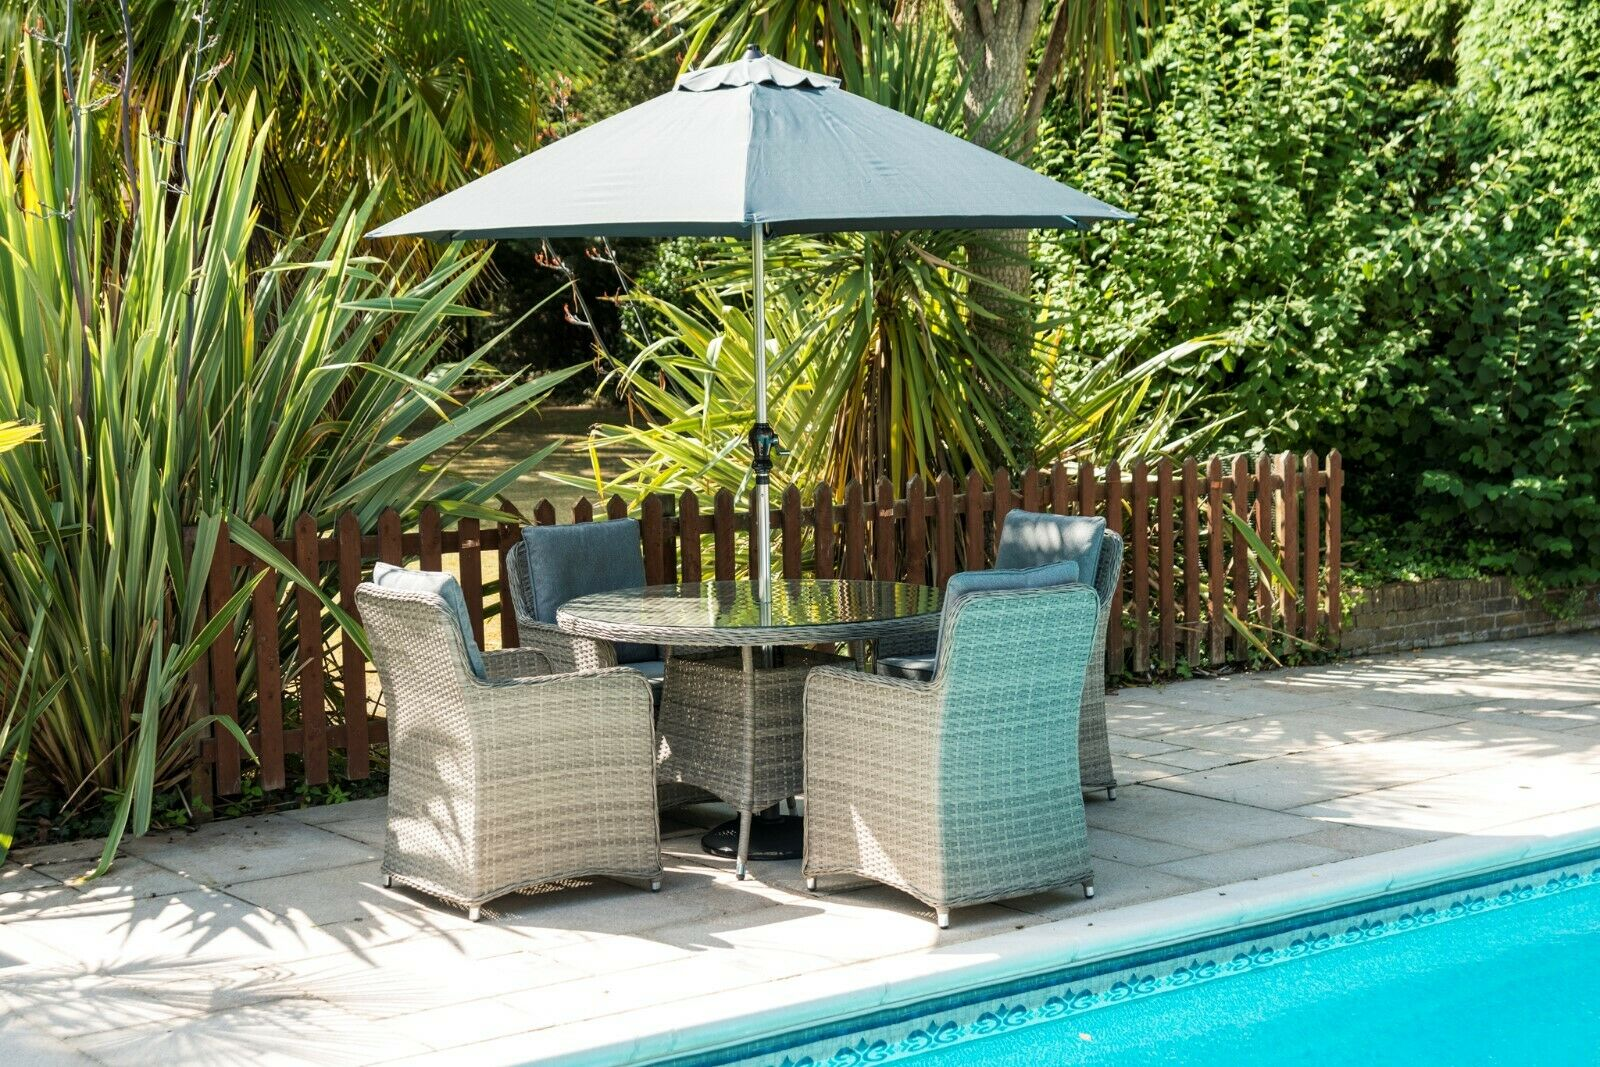 Garden Furniture - Garden Furniture - 4 seat round set